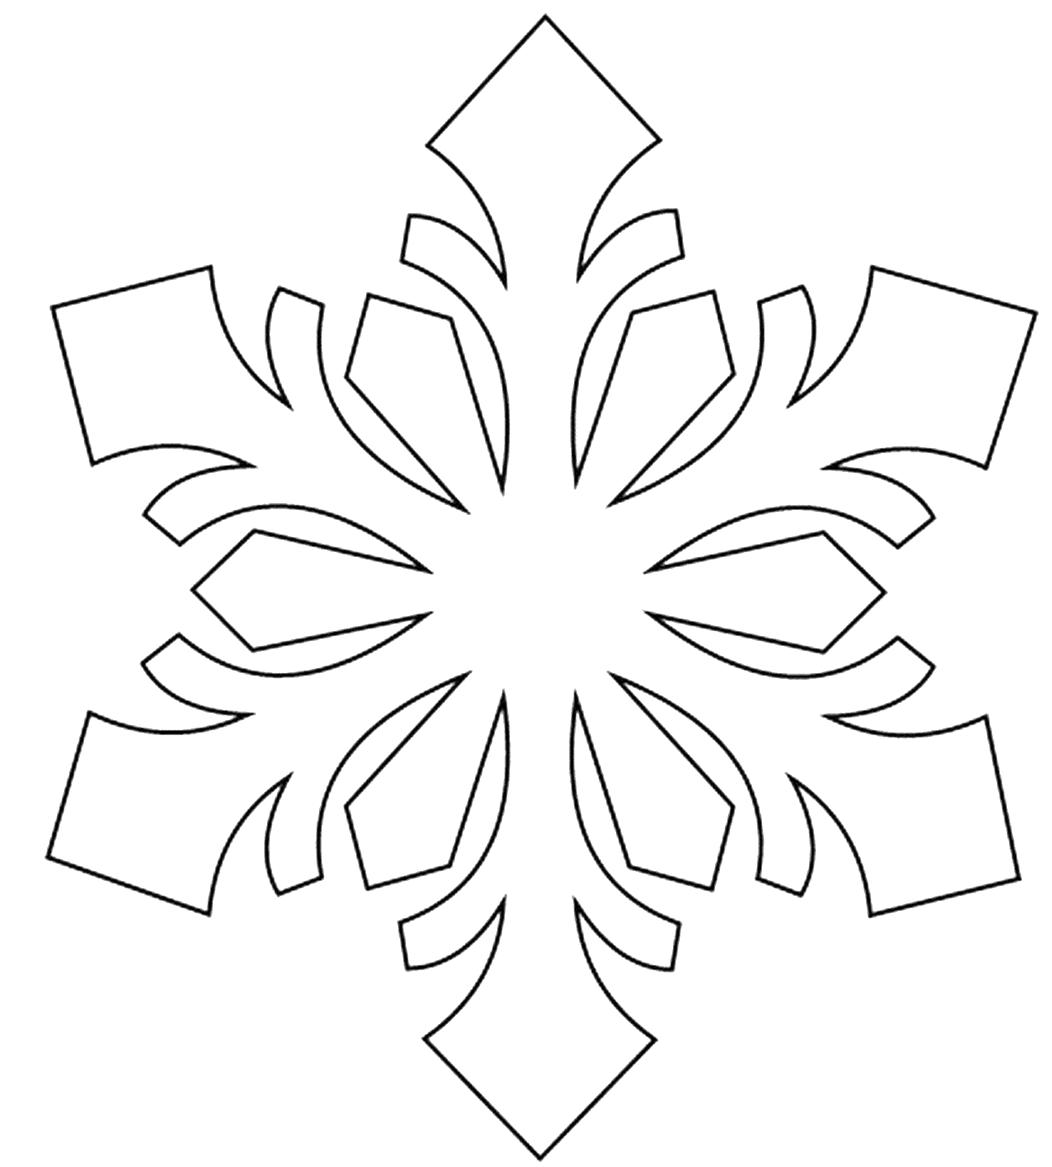 Снежинки фото картинки для вырезания